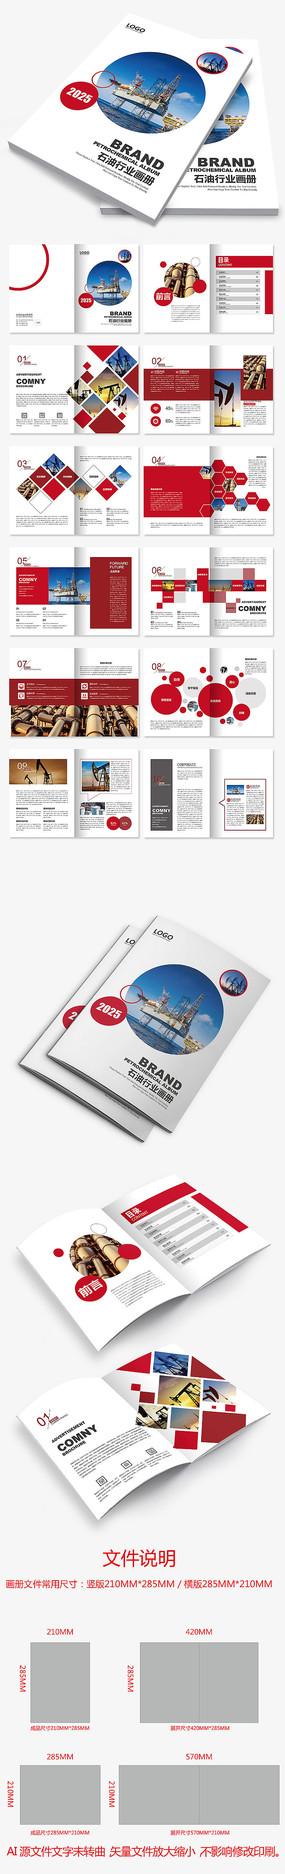 勘探钻井石油化工能源画册封面